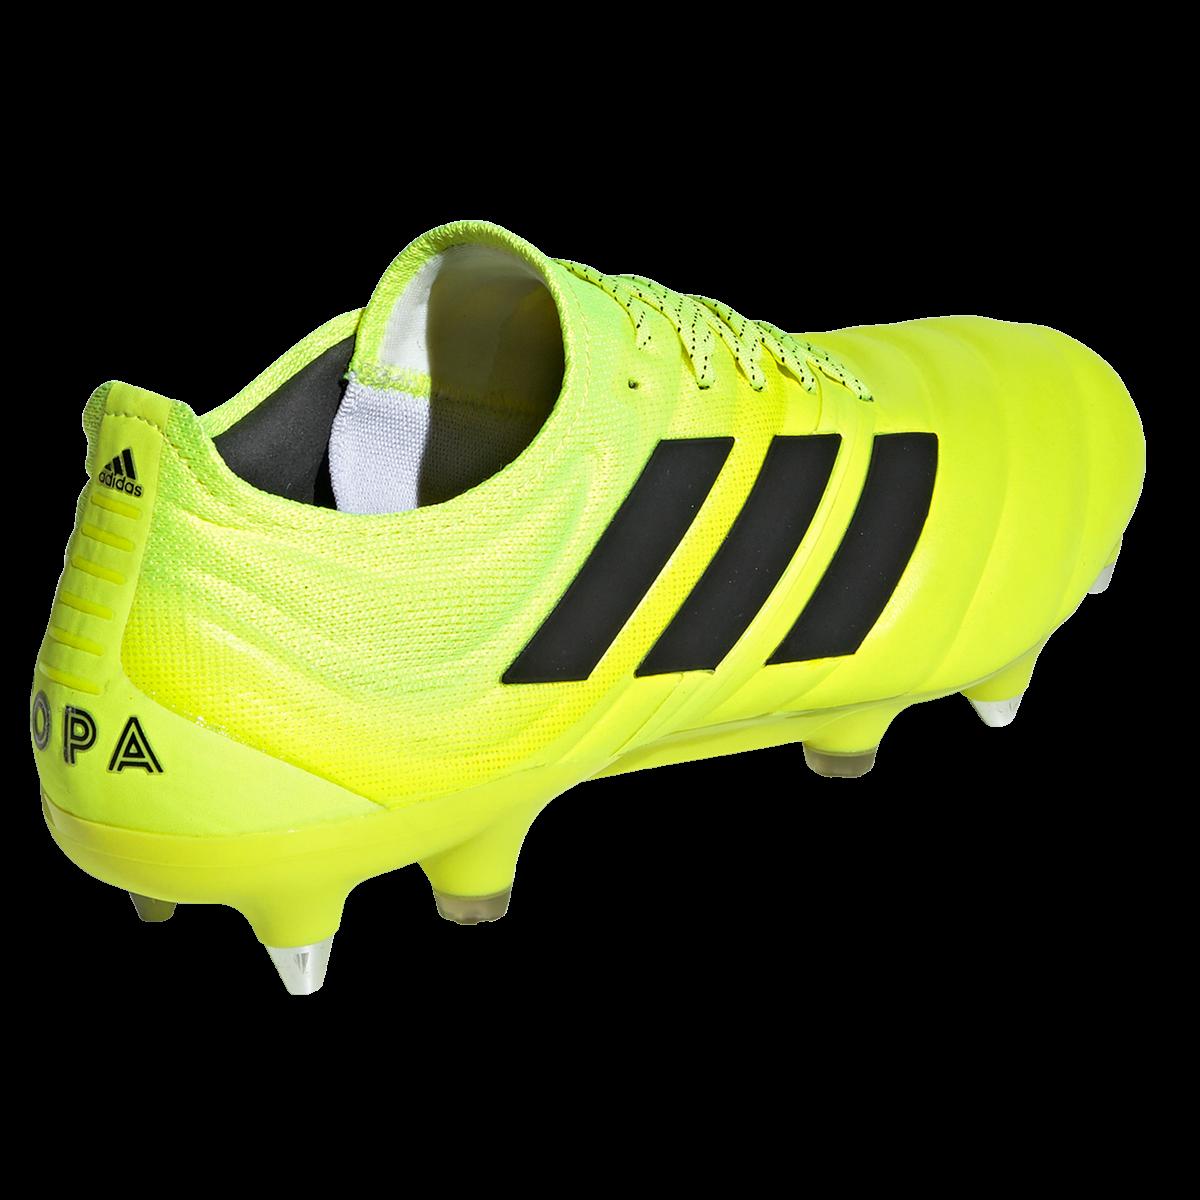 adidas Fußballschuh Copa 19.1 SG gelb fluoschwarz